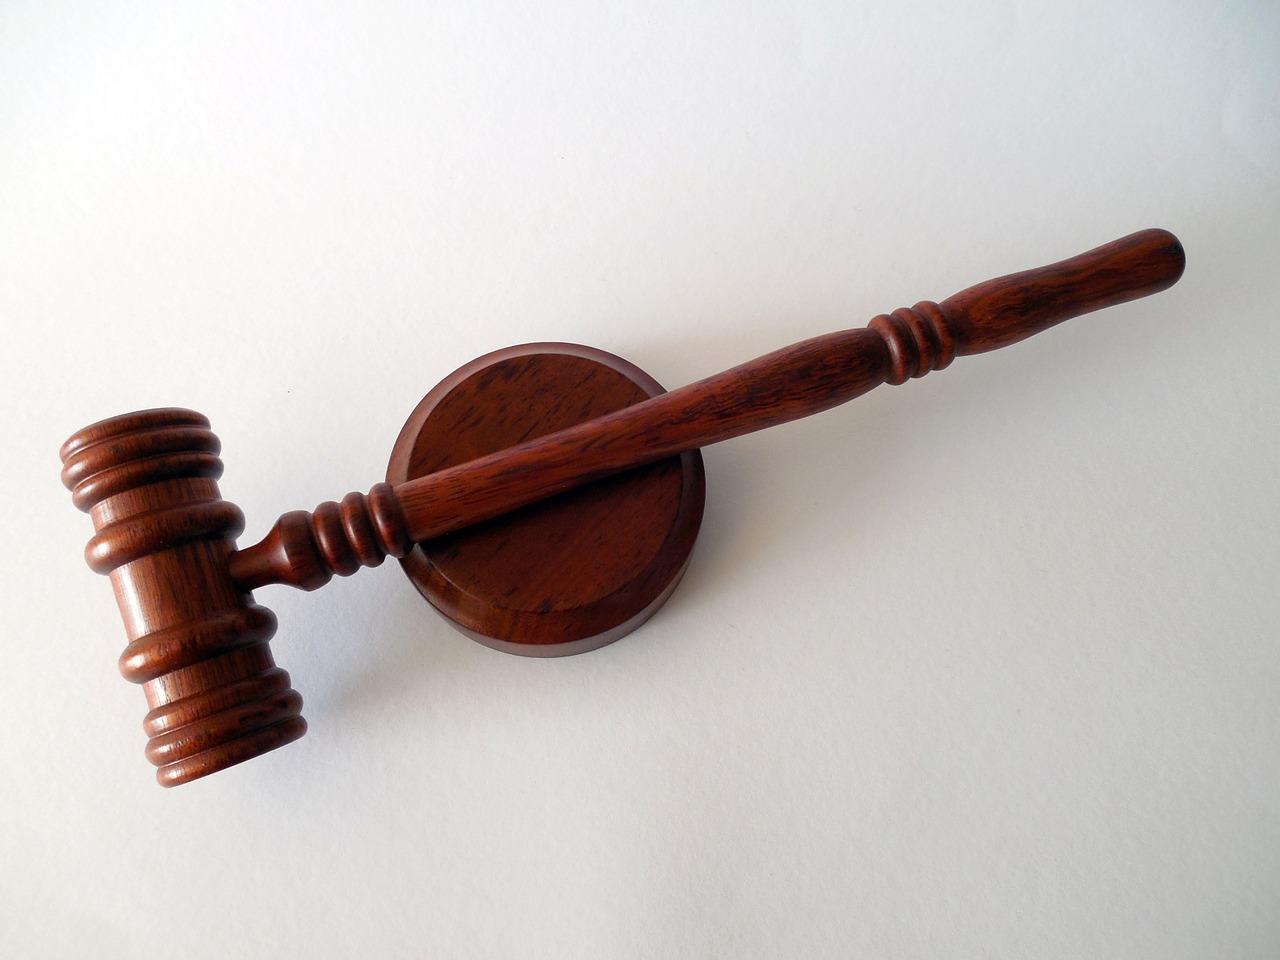 בעל דירה בהוד השרון הכה במטאטא שוכר שסירב לשלם והורשע באיומים ותקיפה